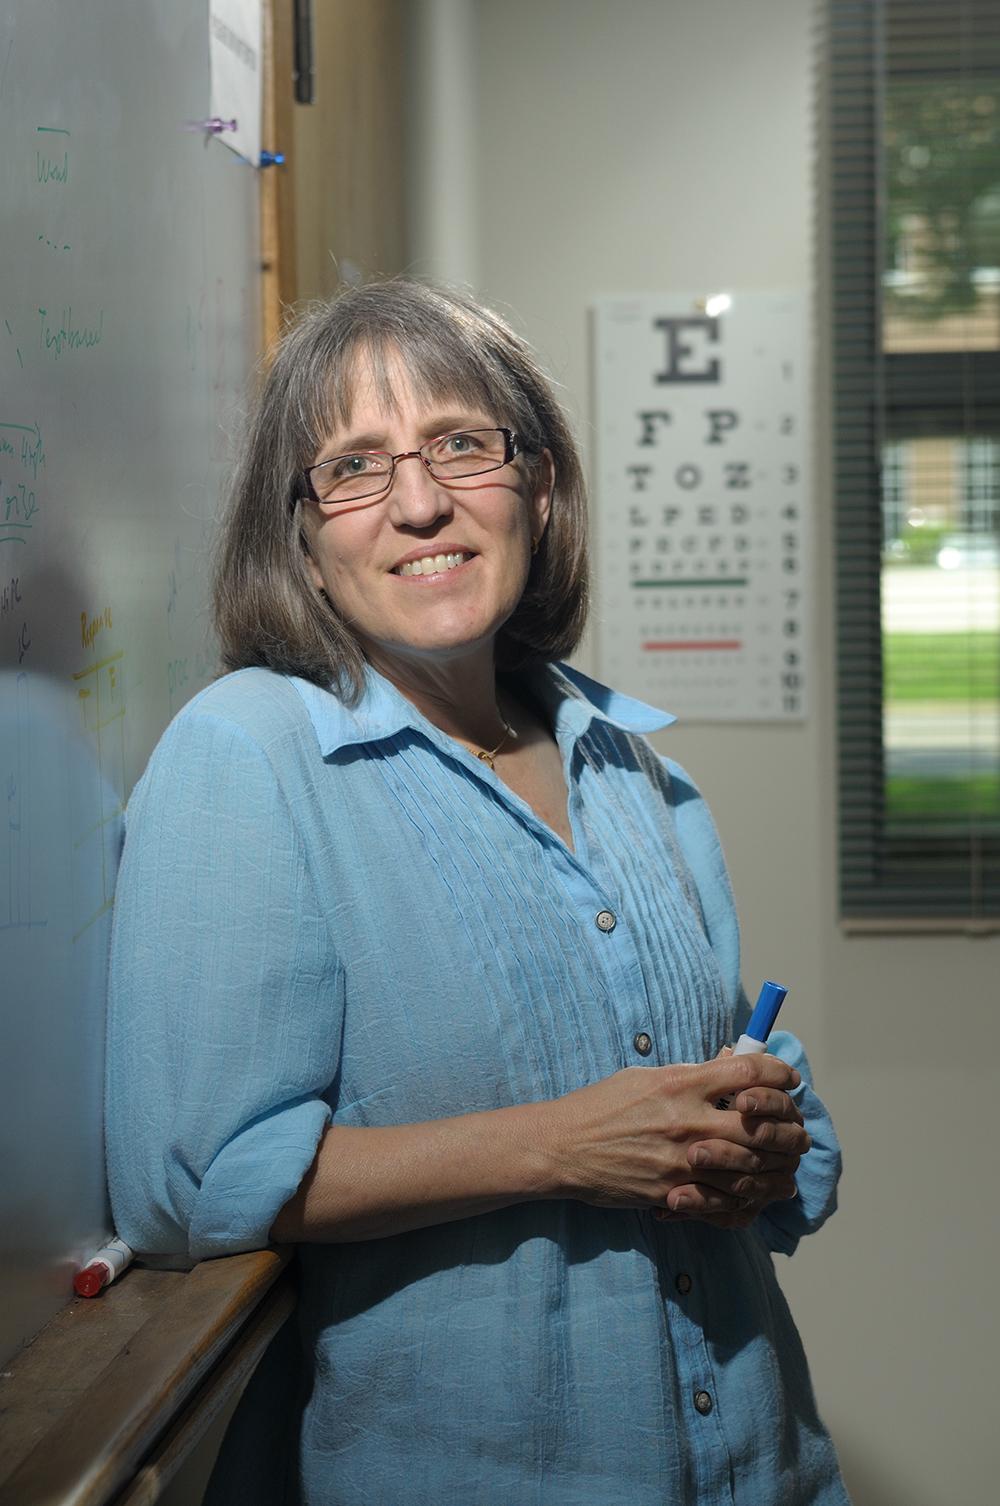 Liz Stine-Morrow